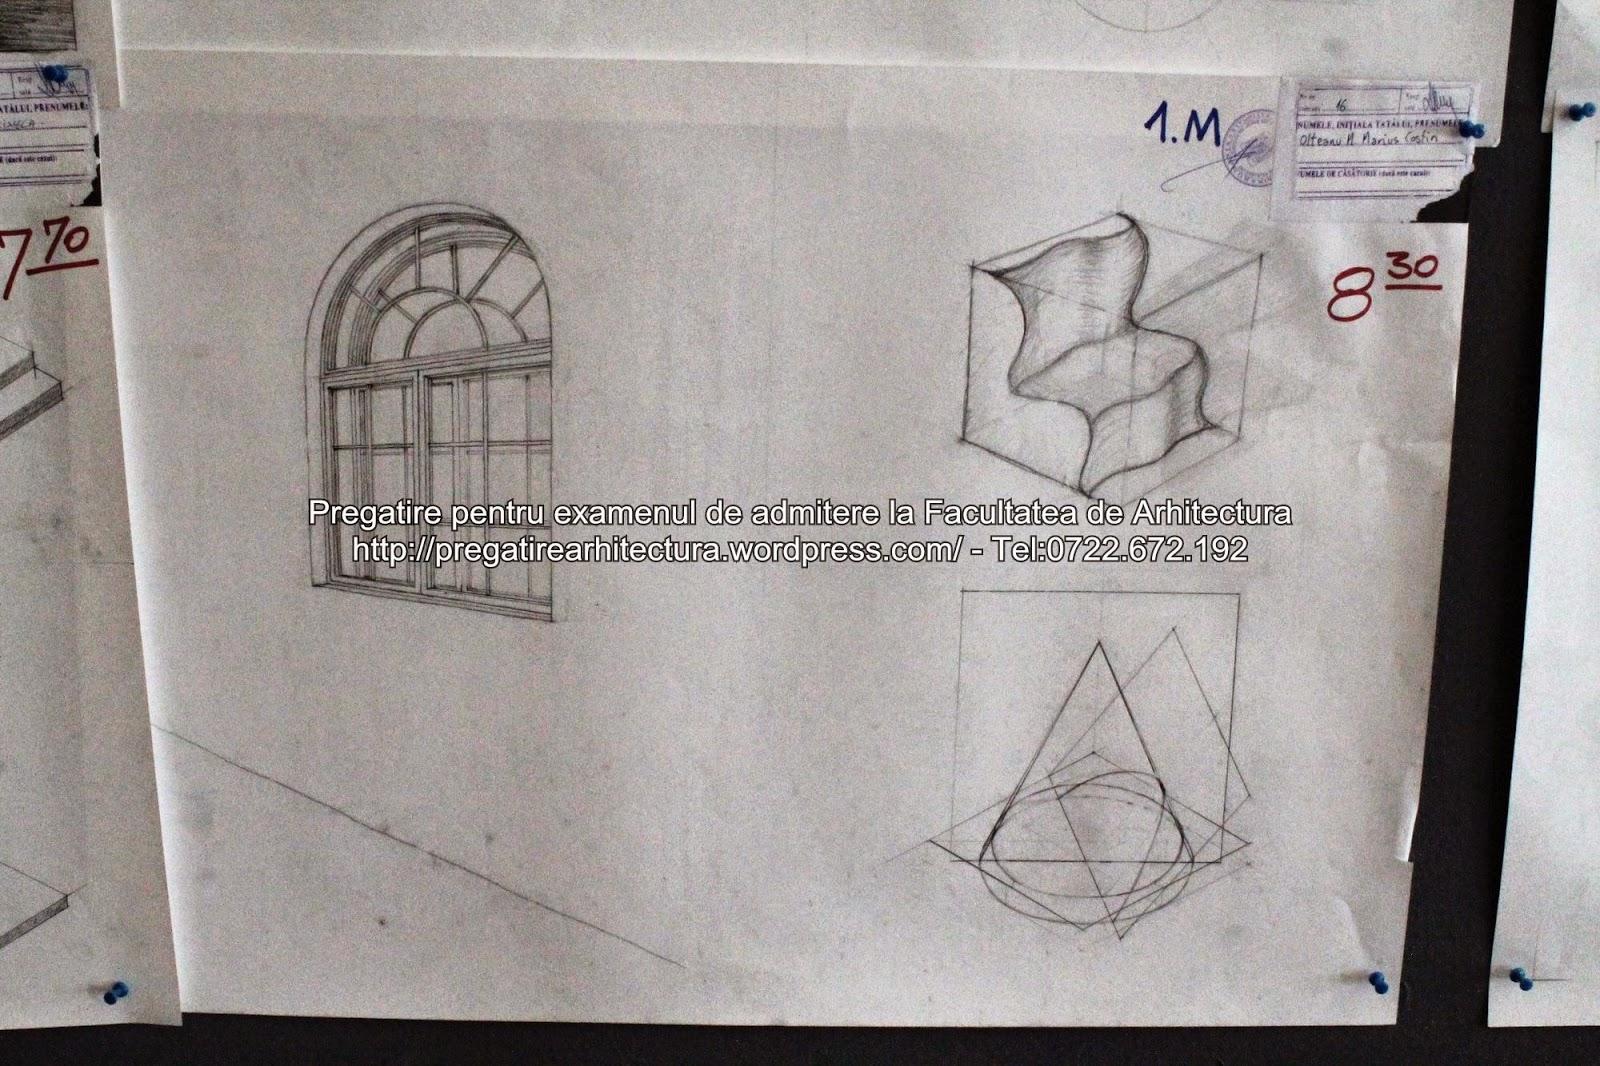 Planse examen admitere Arhitectura de Interior, Mobilier, Design – UAUIM – 2014